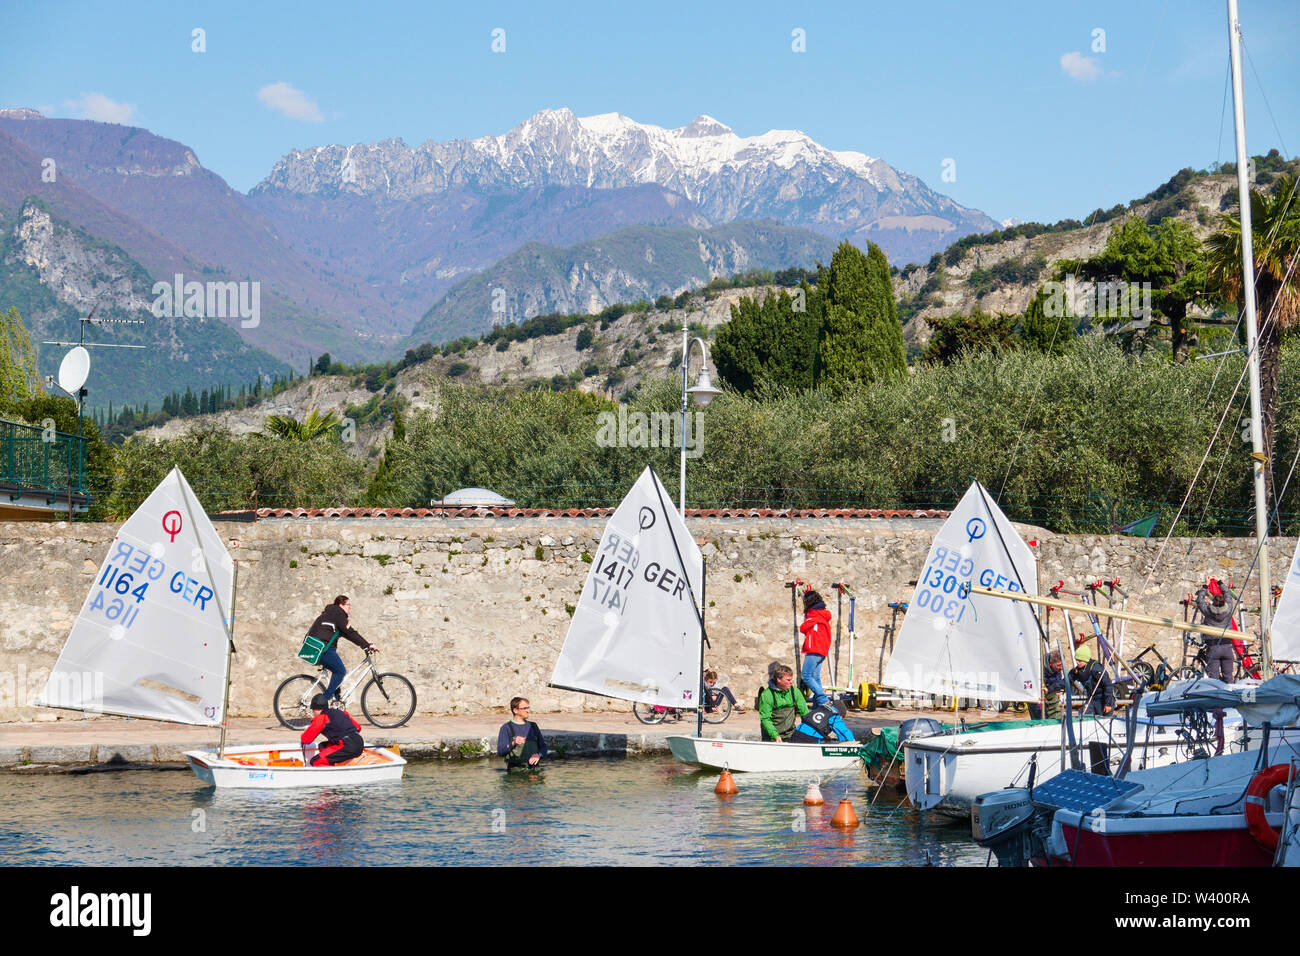 Optimist sailing boats, motorboat, tourists at small harbor Porticciolo, Lago di Garda, Lake Garda in Torbole - Nago, Riva, Trentino , Italy at April - Stock Image